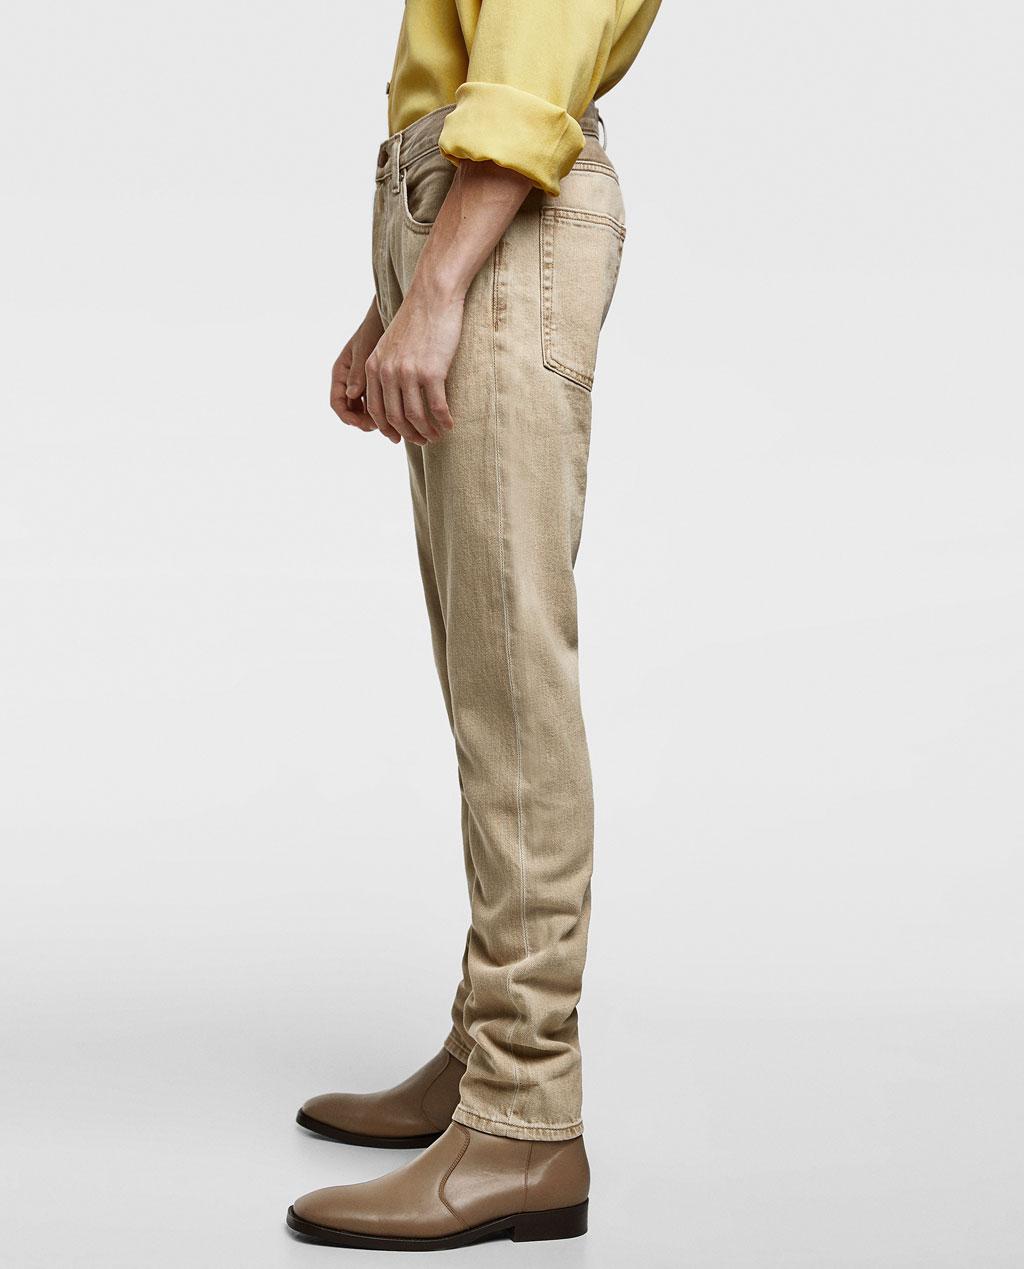 Thời trang nam Zara  23882 - ảnh 5